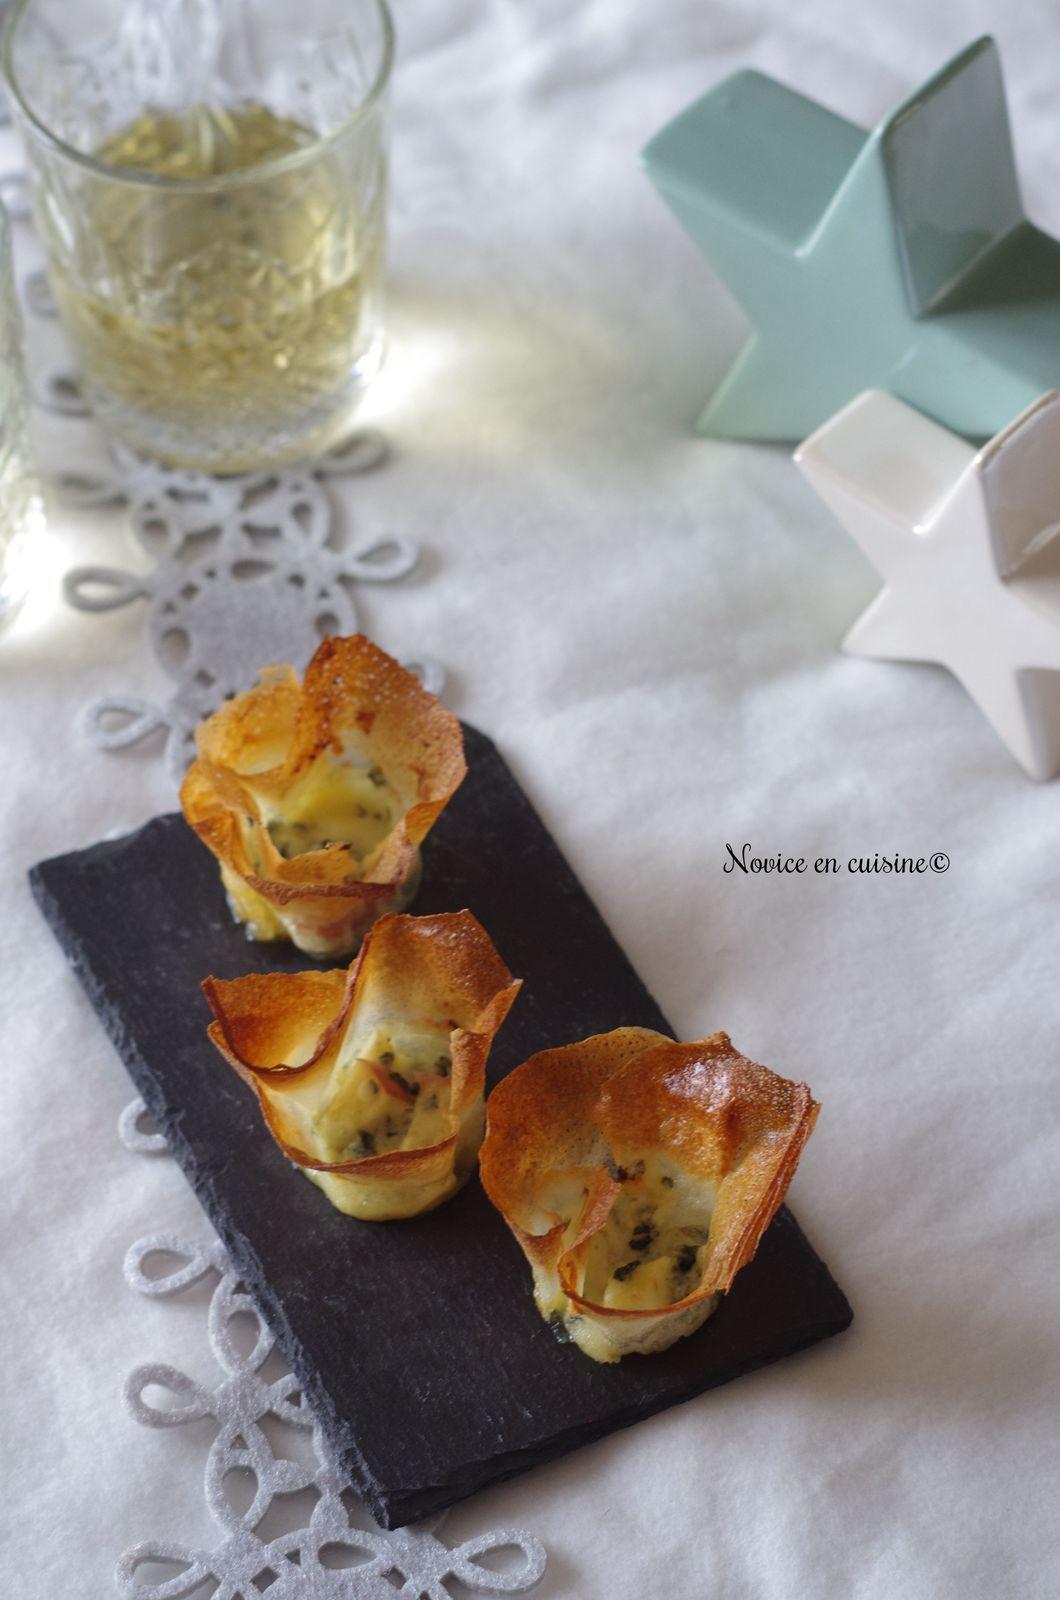 Corolles roquefort/miel/pommes